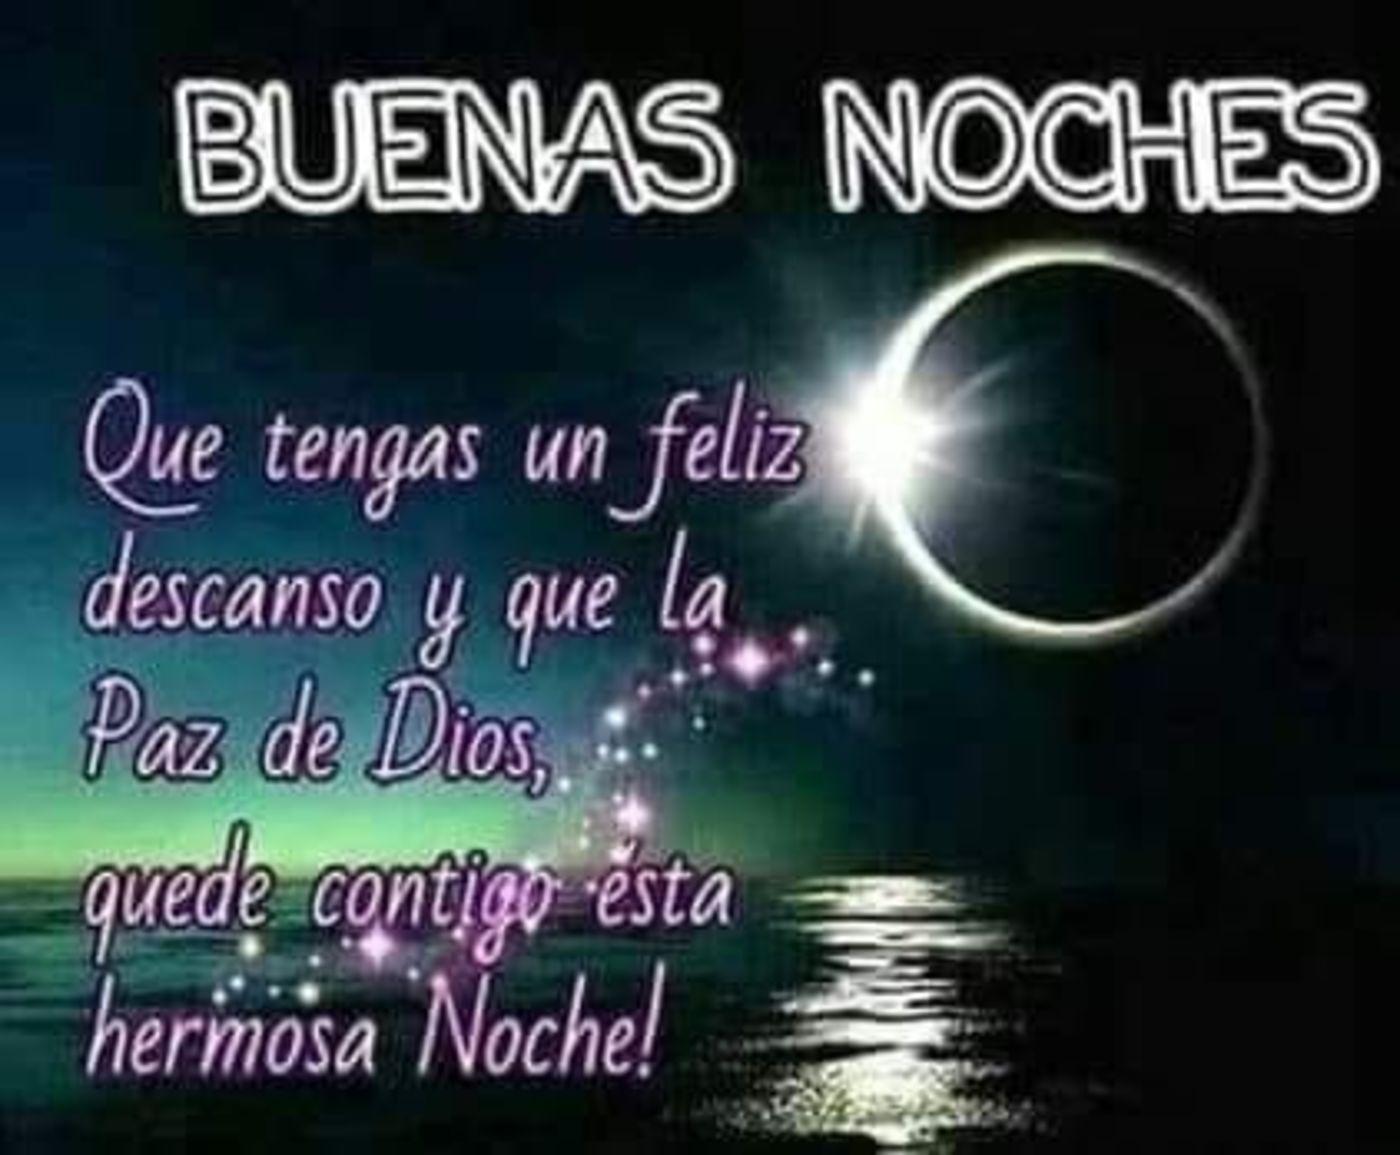 Buenas noches que tengas un feliz descanso y que la paz de Dios, quede contigo esta hermosa noche!